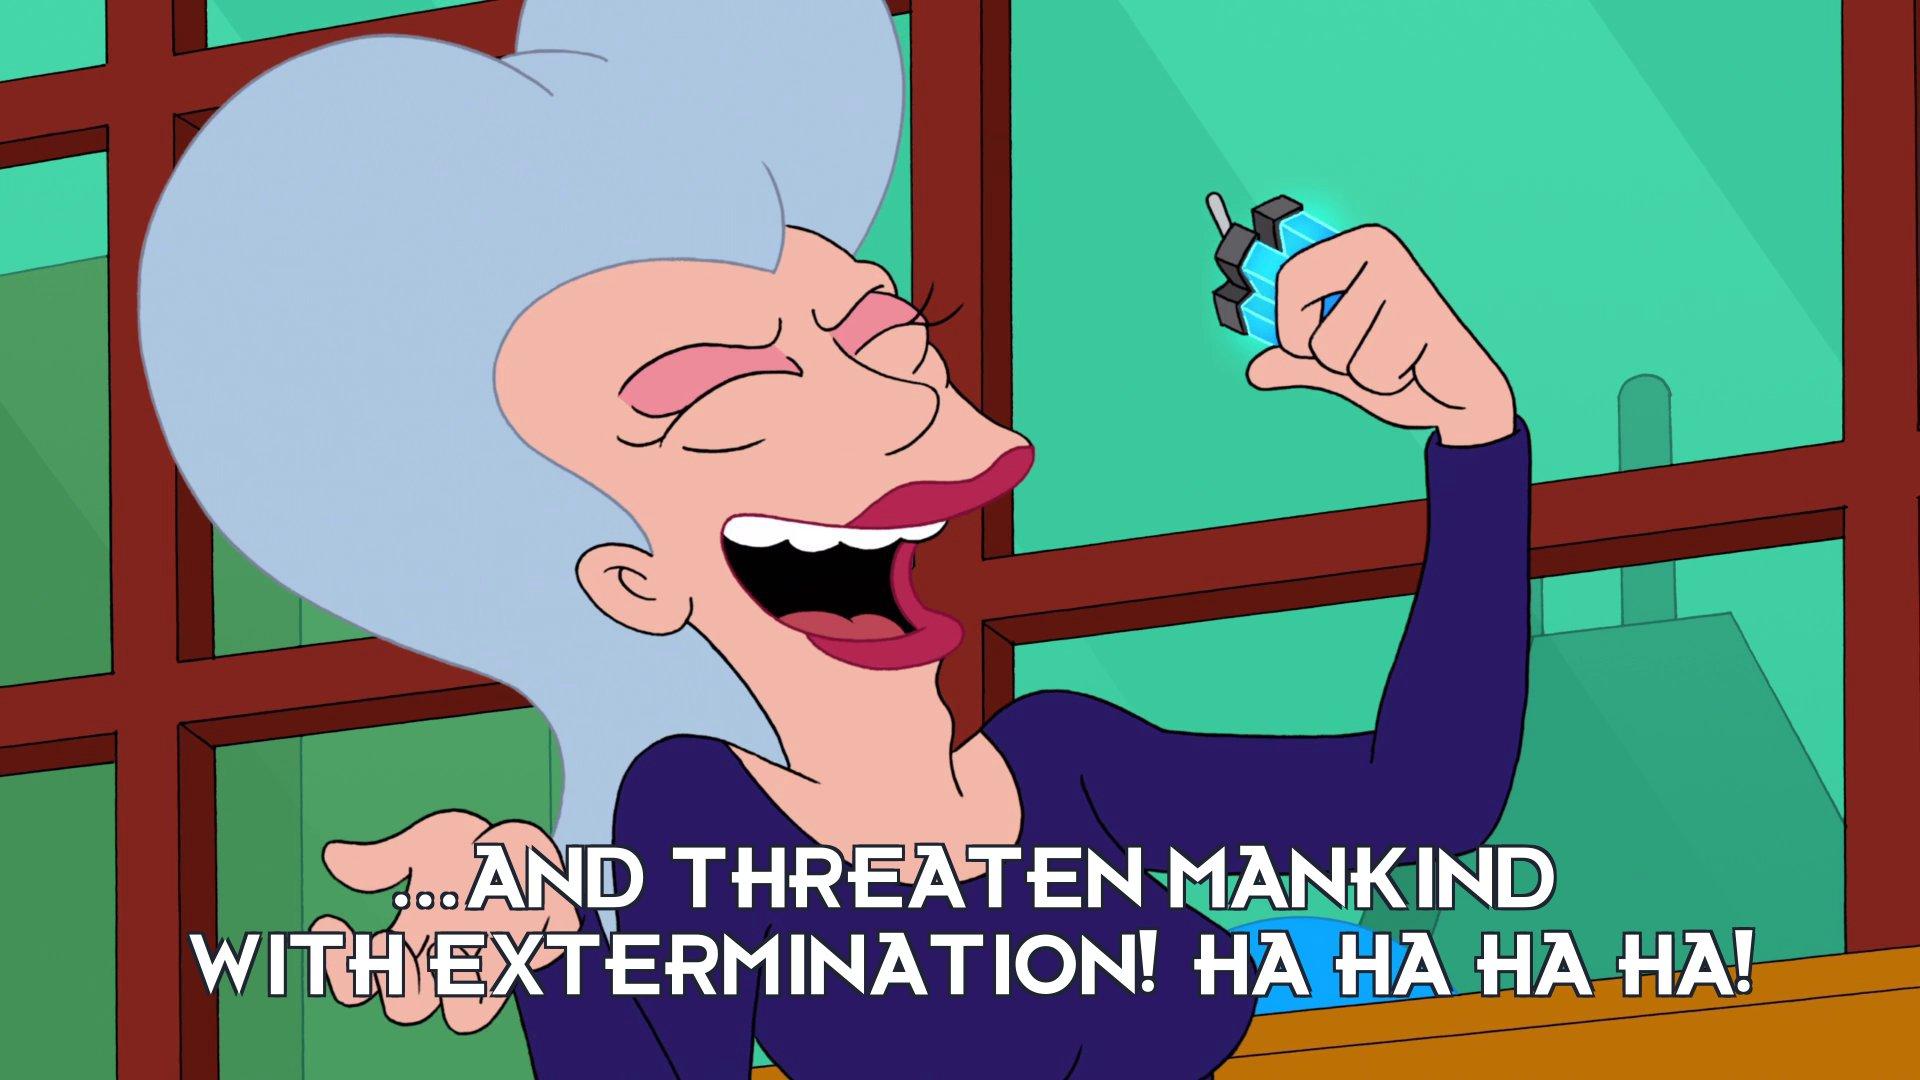 Mom: ...and threaten mankind with extermination! Ha ha ha ha!